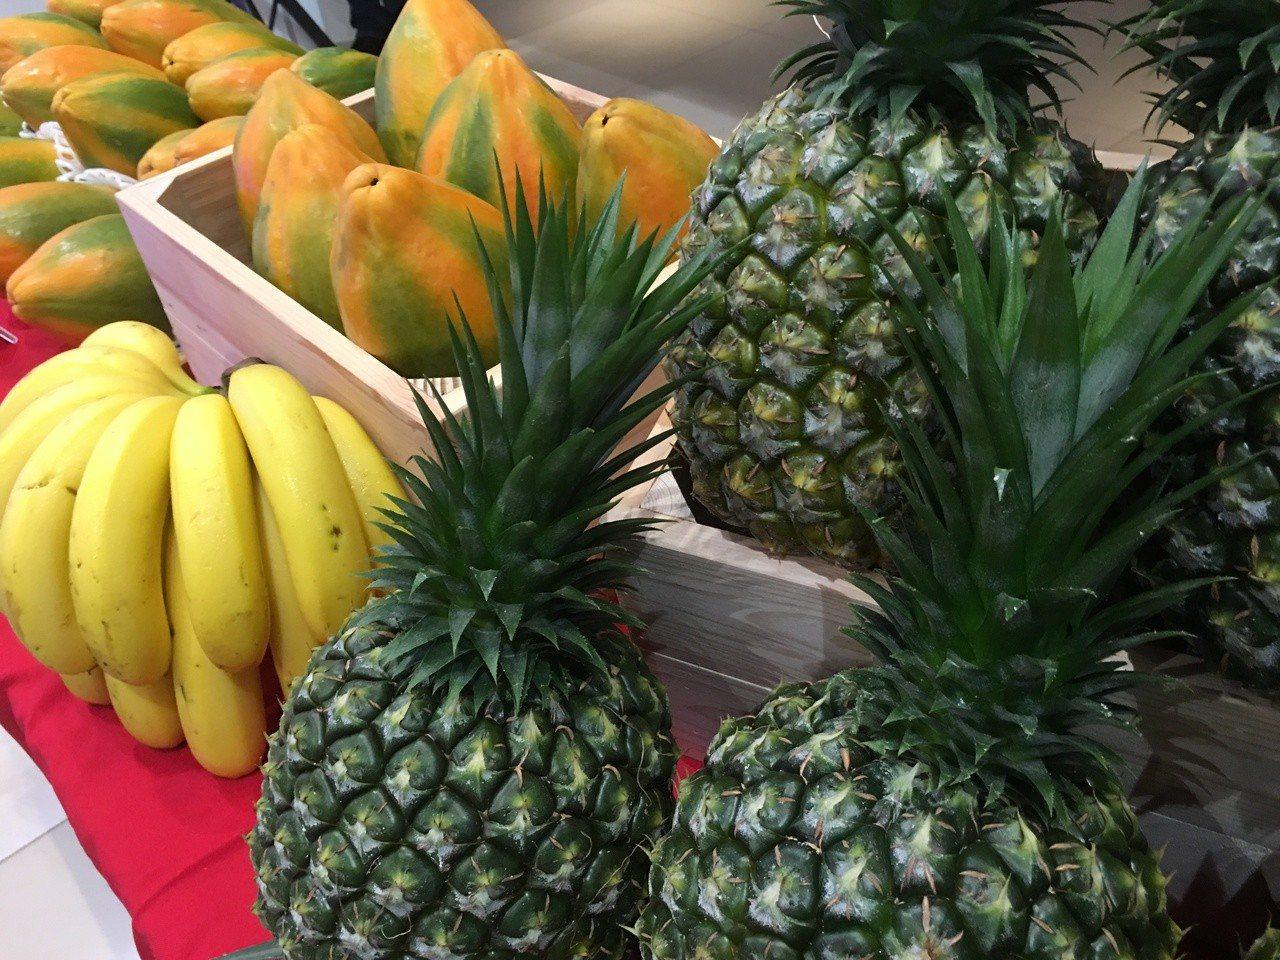 雲林縣周六舉辦就業博覽會,前100名求職者,還可獲贈雲林在地優質鳳梨、木瓜或香蕉...